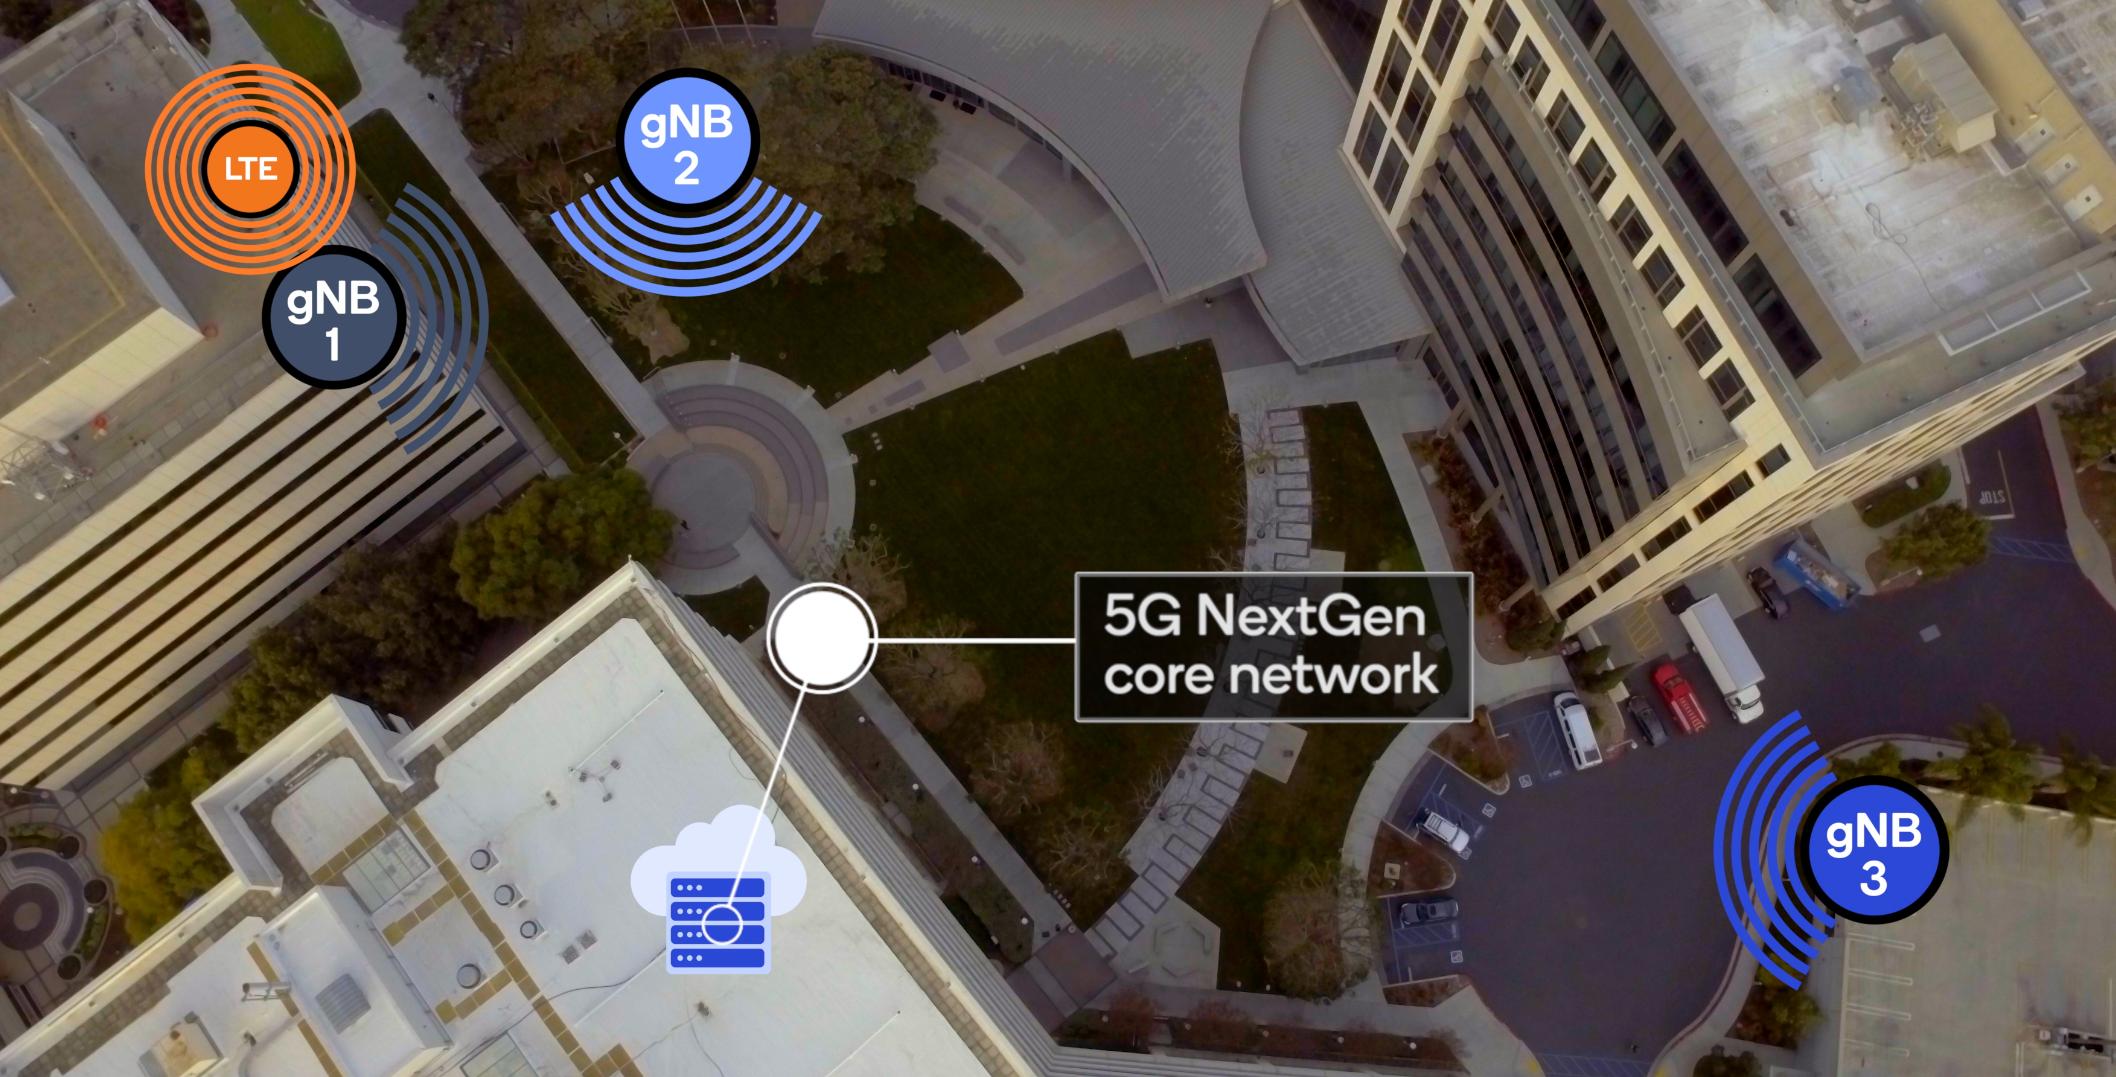 Разбираемся, как 5G будет работать в миллиметровом диапазоне на улице и в помещениях - 1